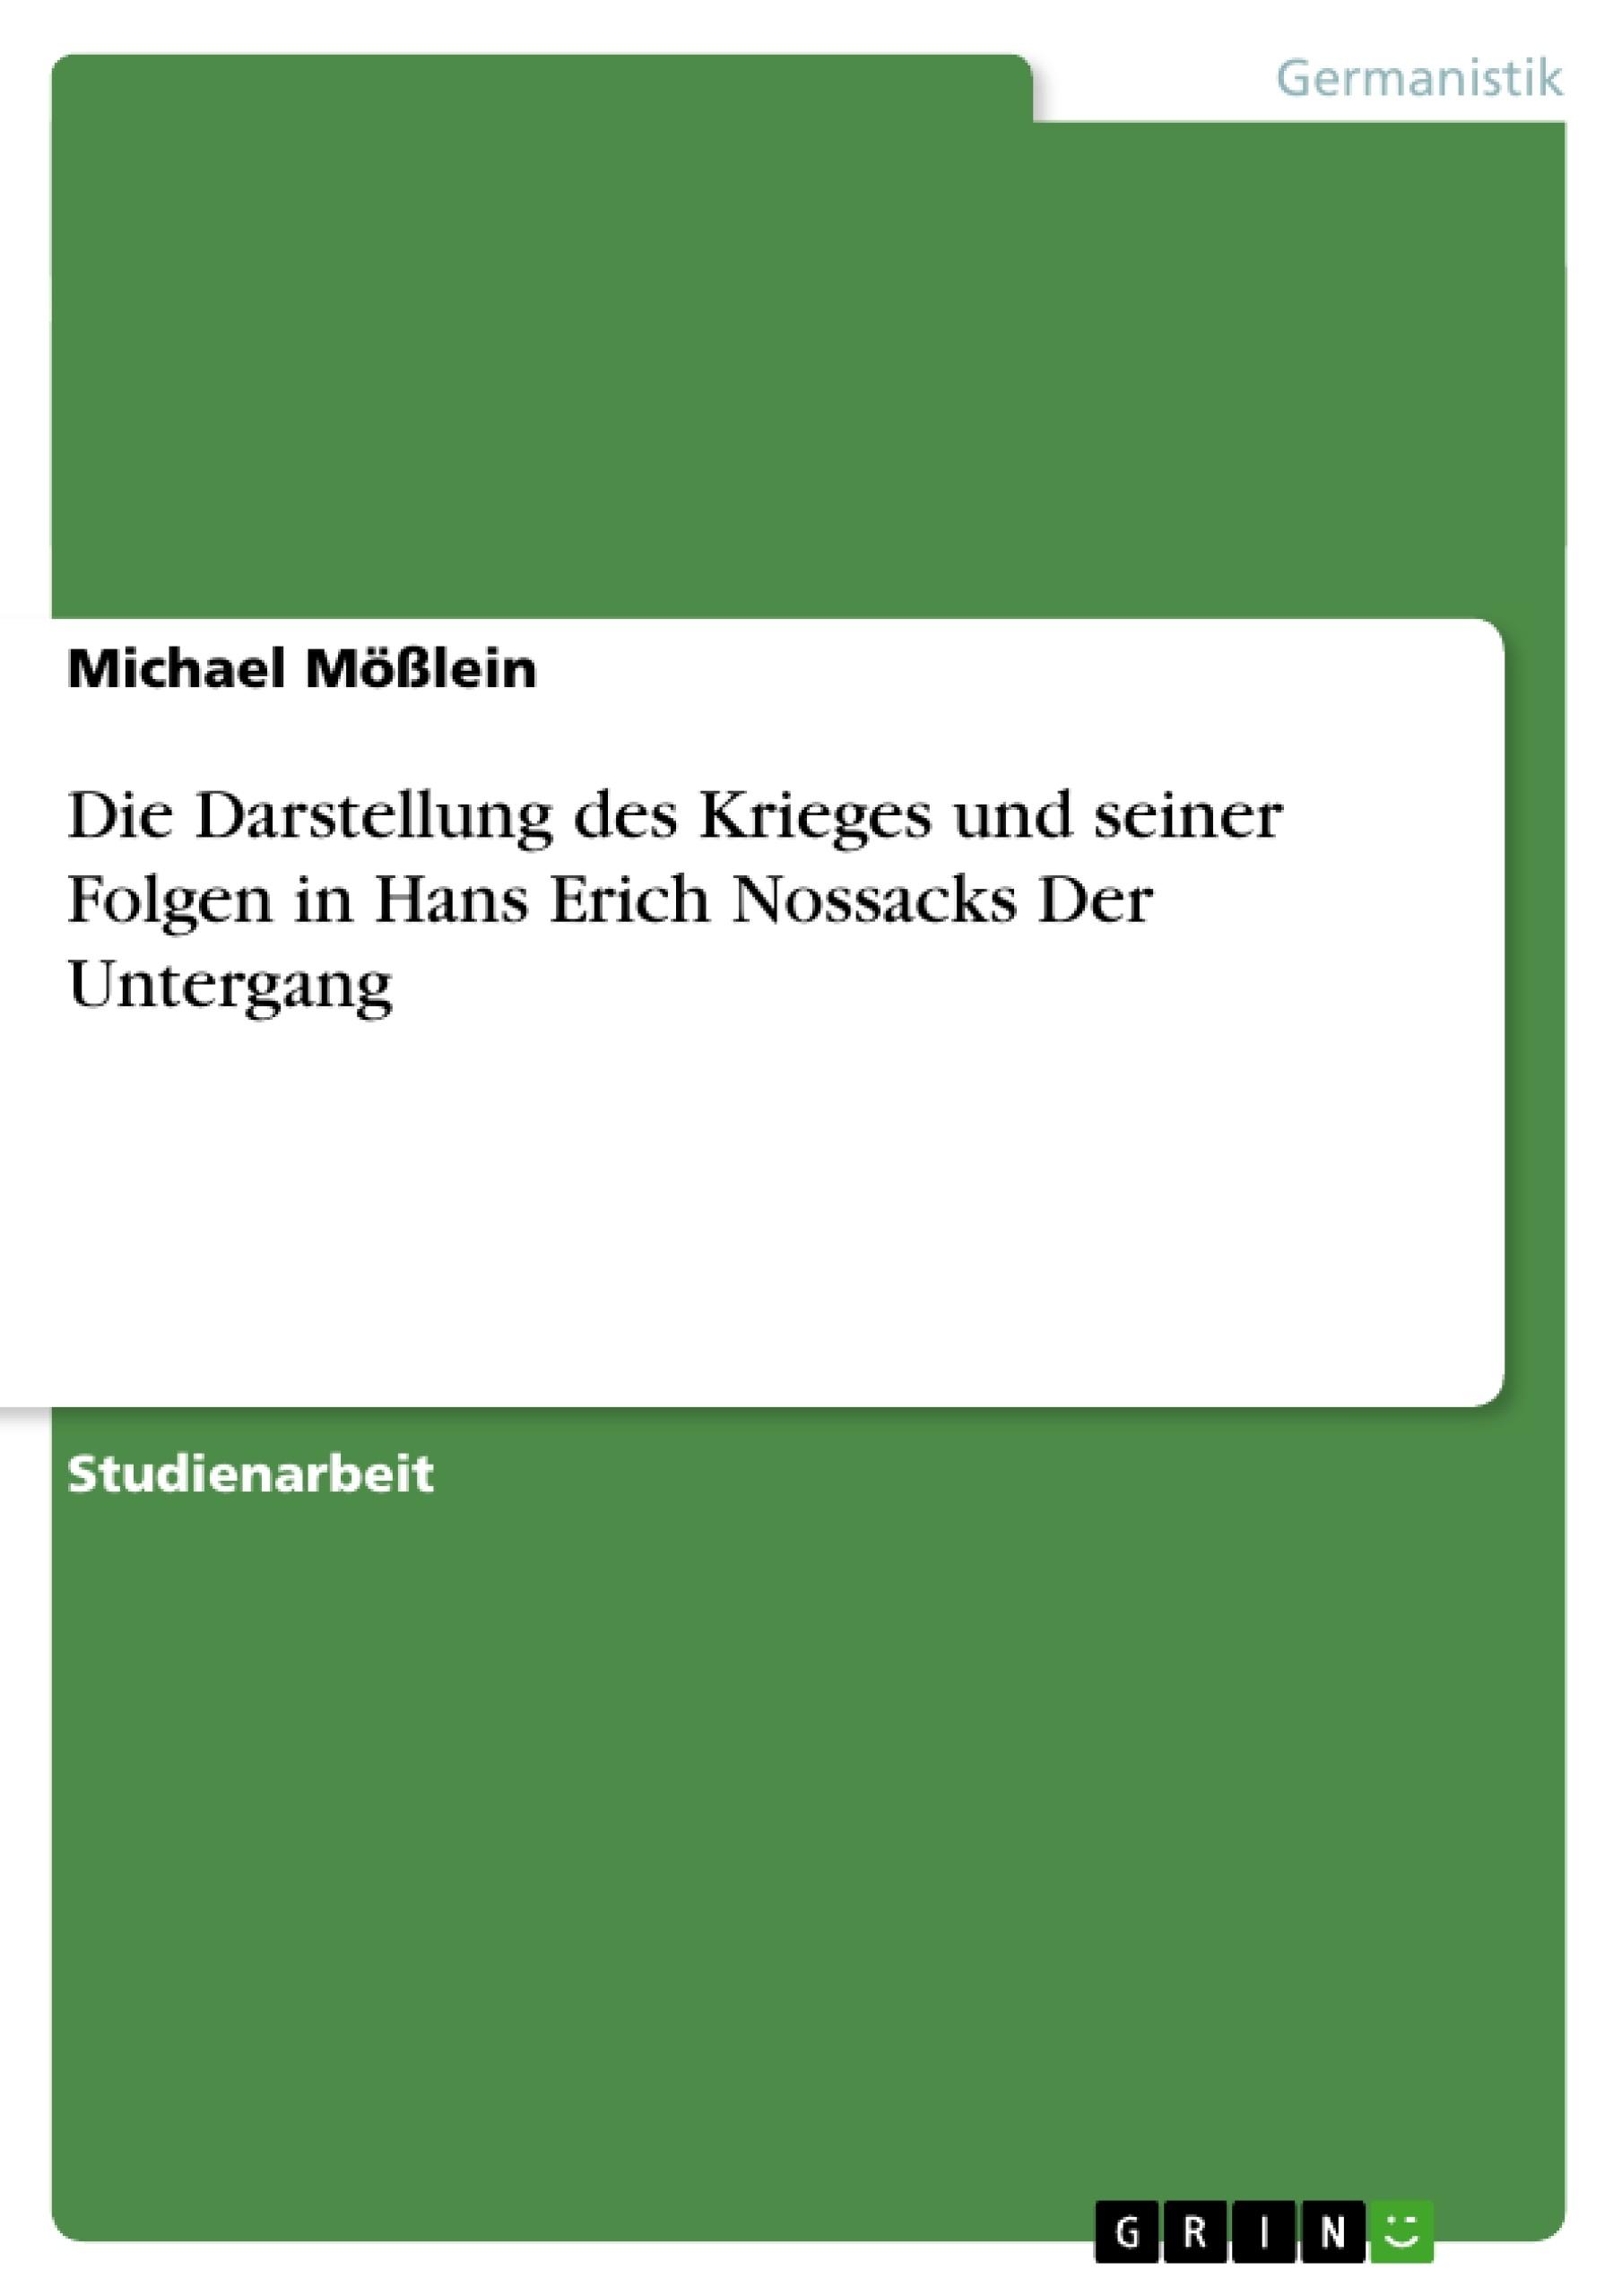 Titel: Die Darstellung des Krieges und seiner Folgen in Hans Erich Nossacks Der Untergang